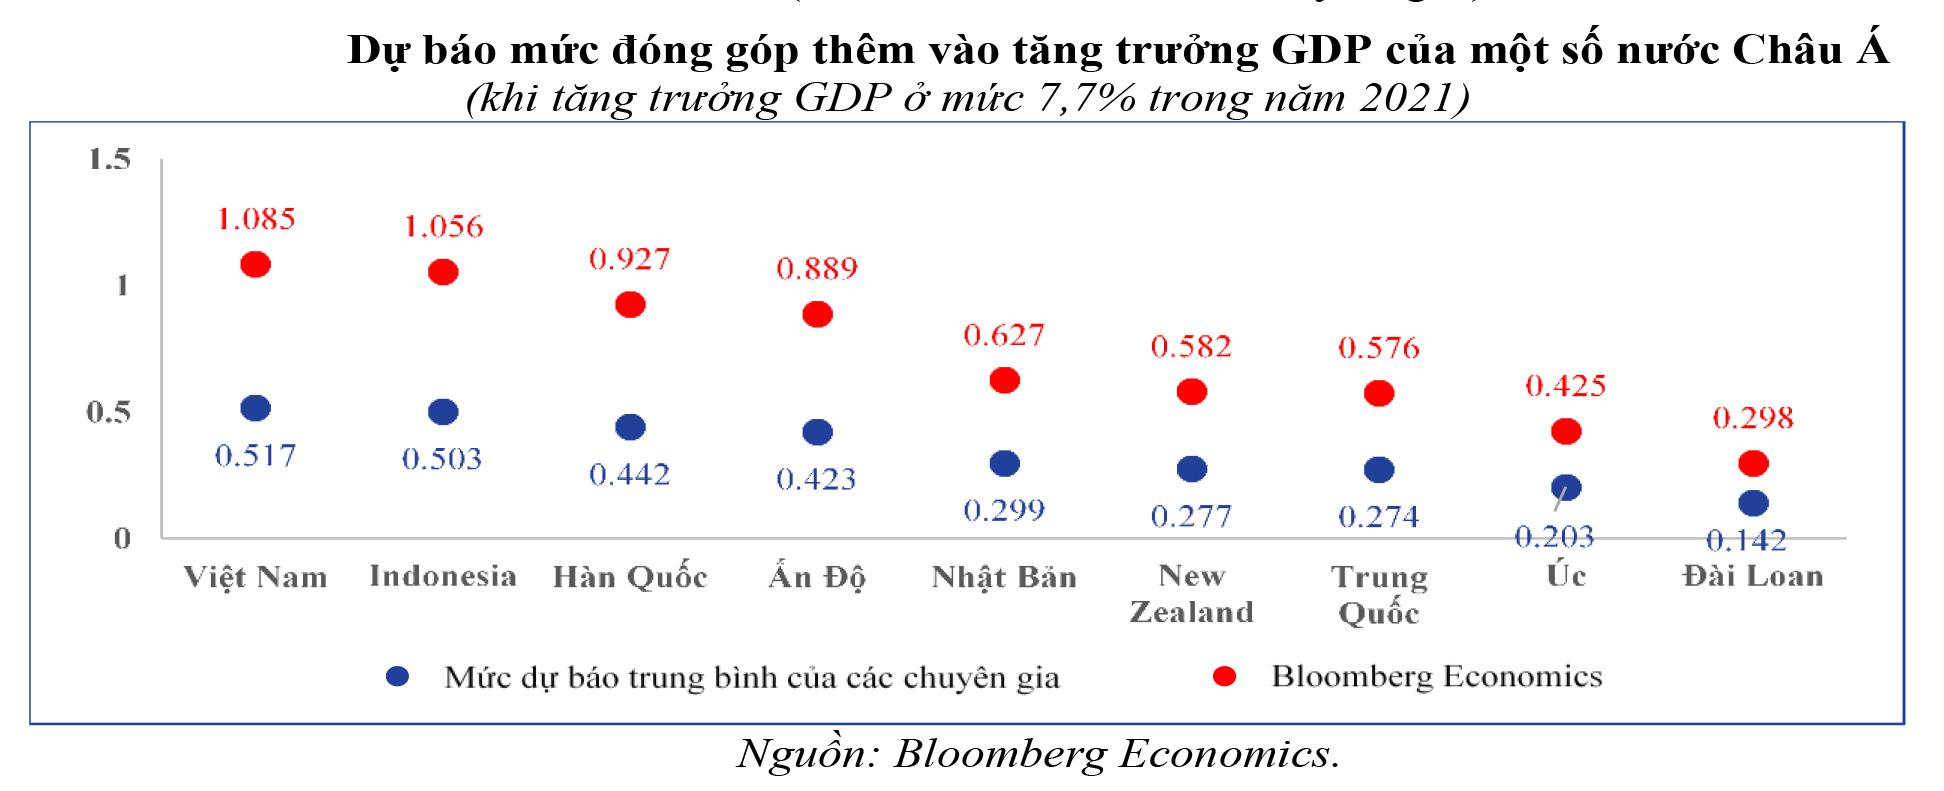 Cơ hội cho Việt Nam từ các gói hỗ trợ kinh tế của Mỹ - Ảnh 2.